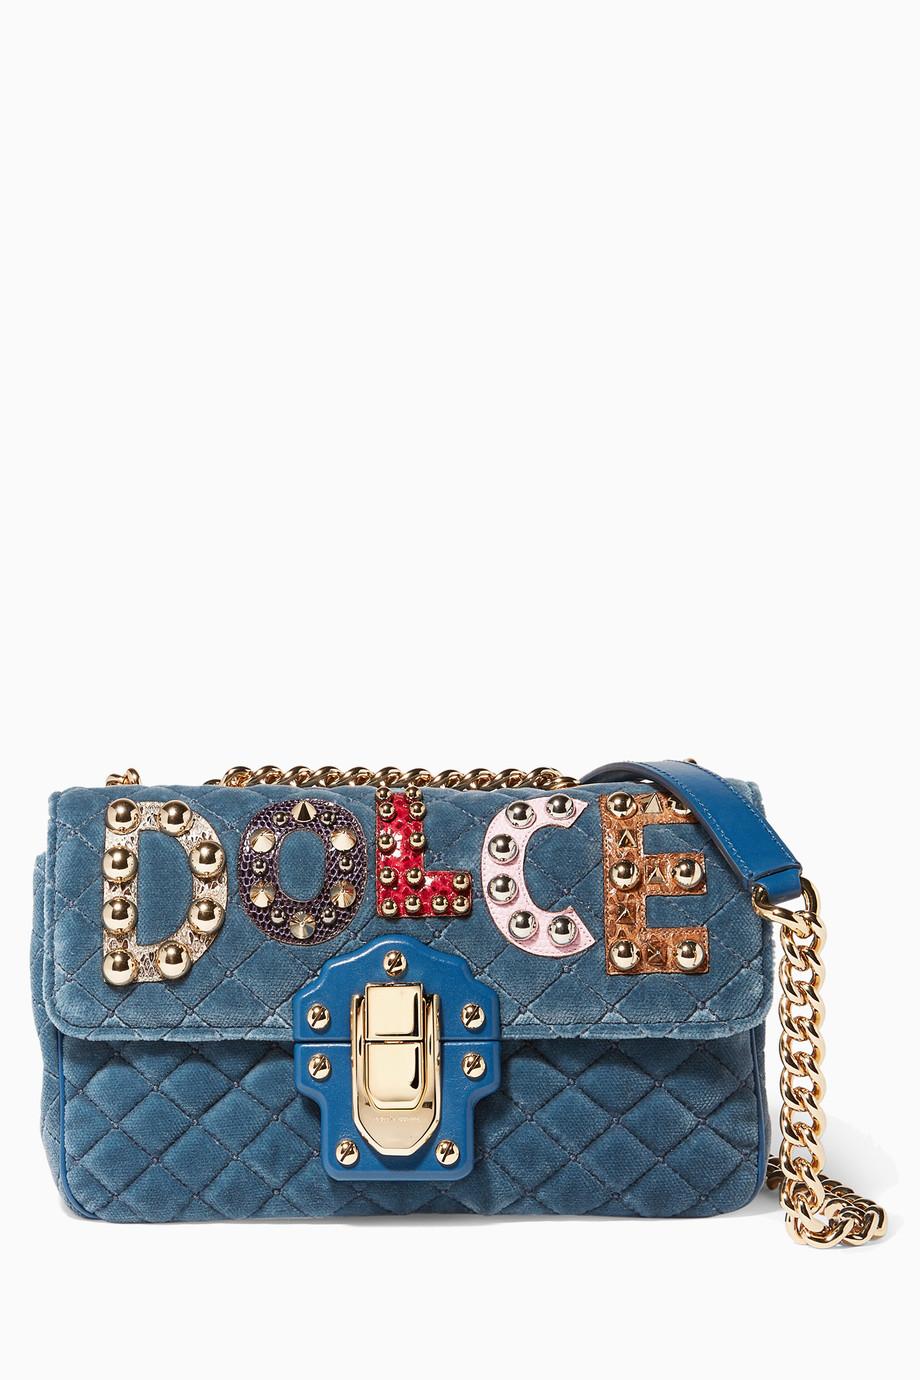 6434802d578a Shop Dolce   Gabbana Blue Teal Velvet Stud Embellished Lucia ...